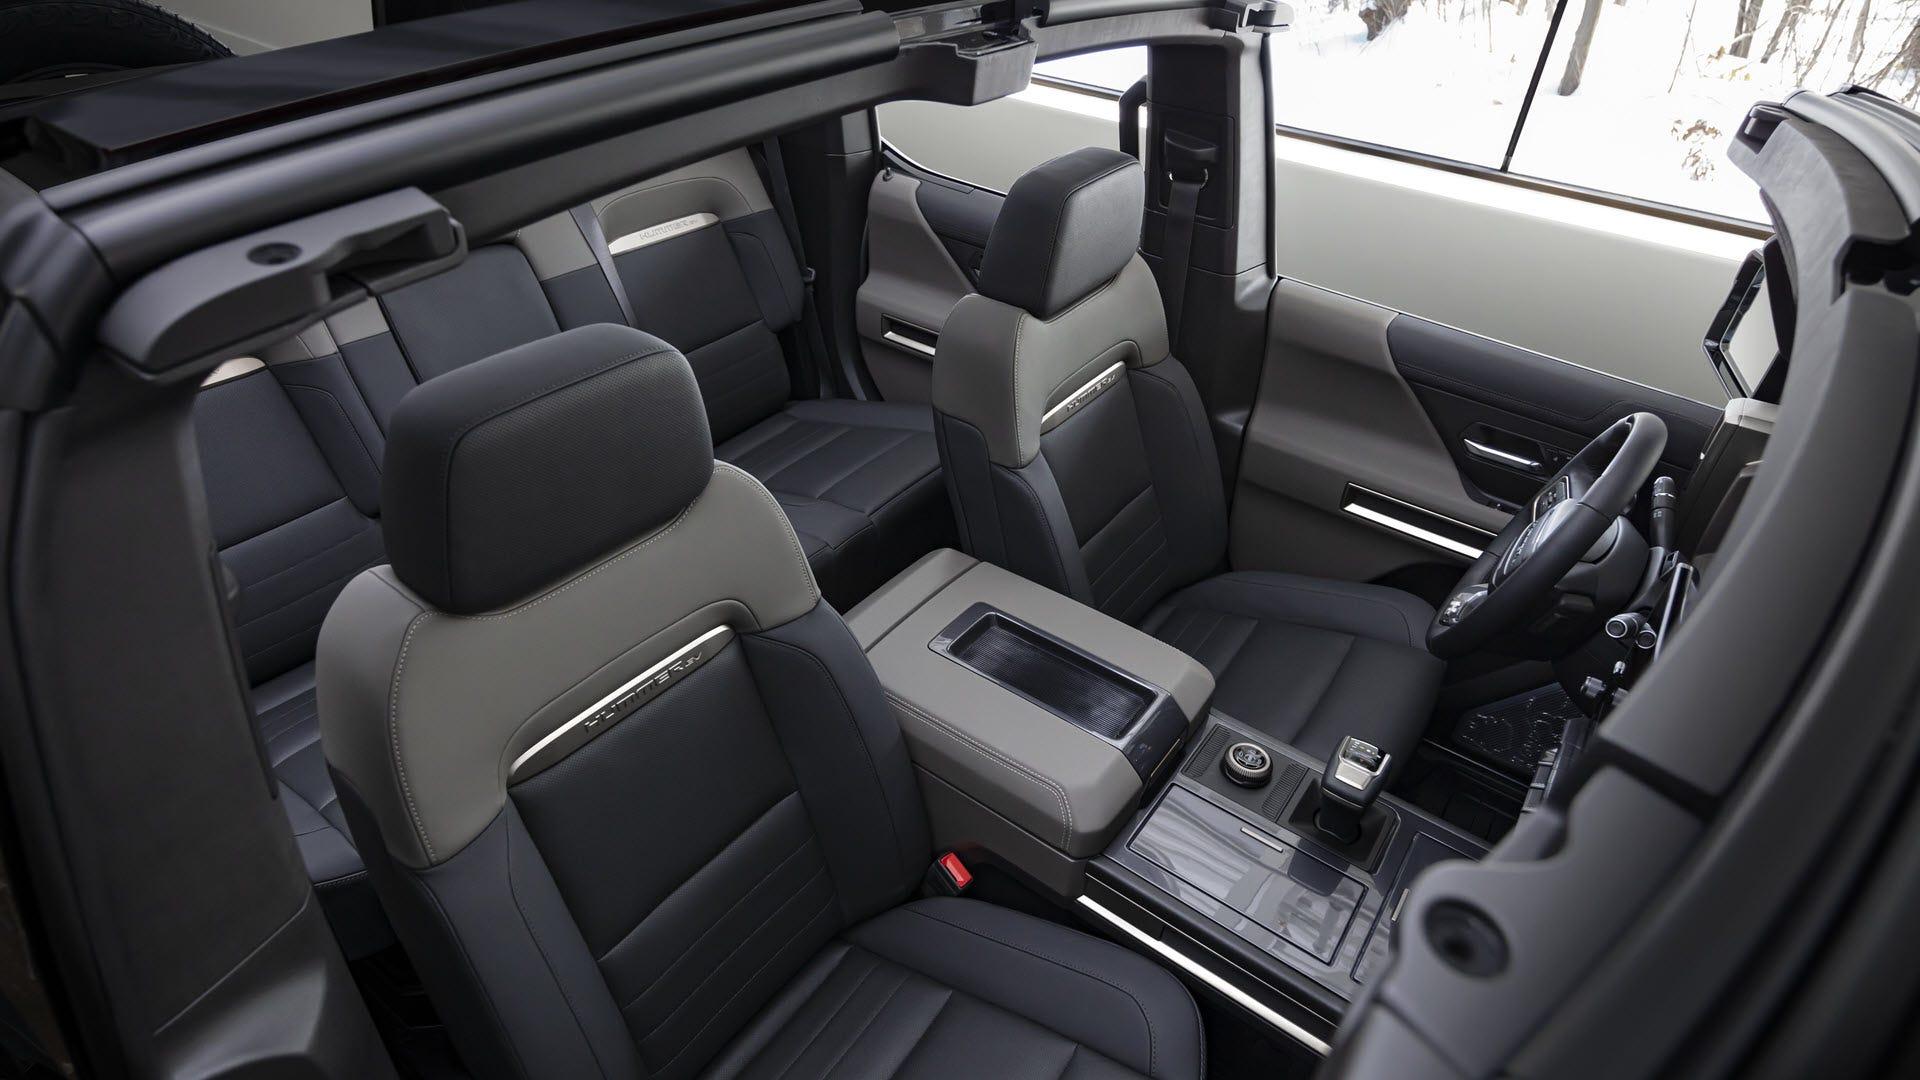 Un intérieur Hummer spacieux avec des sièges rabattables